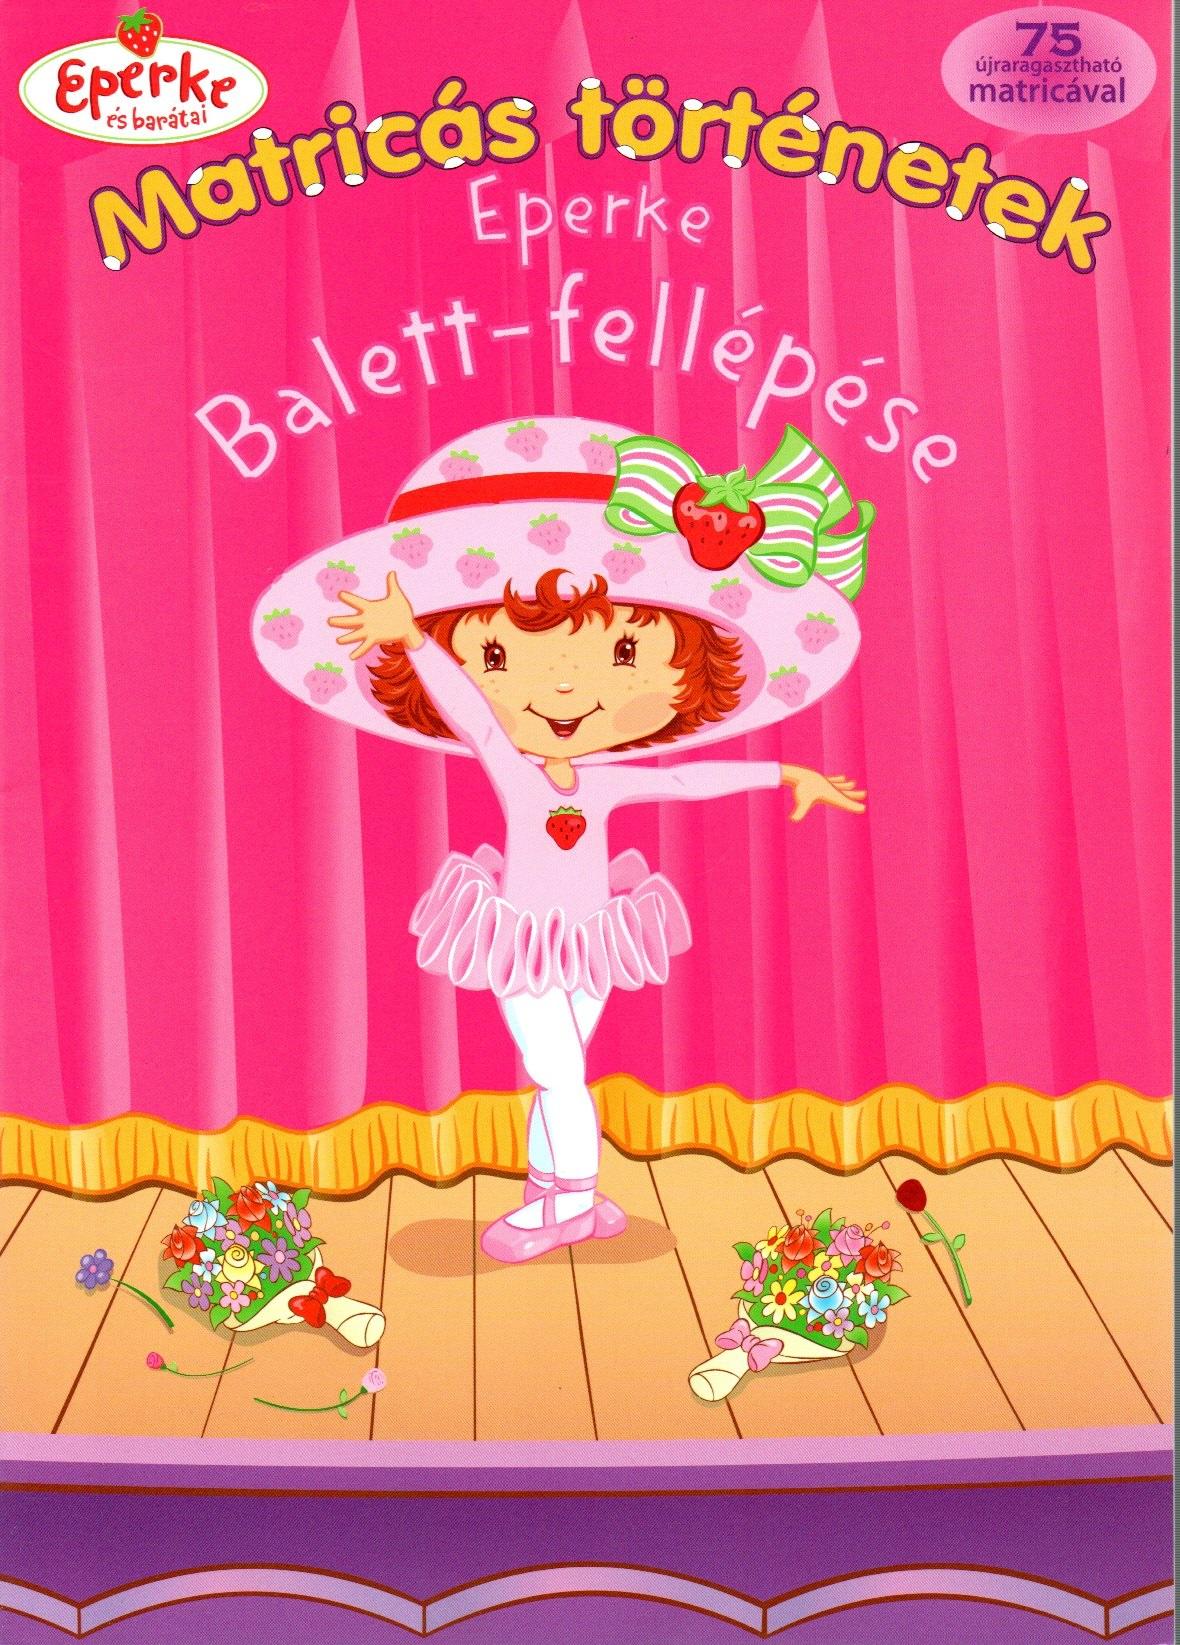 Eperke balett-fellépése - Matricás történetek